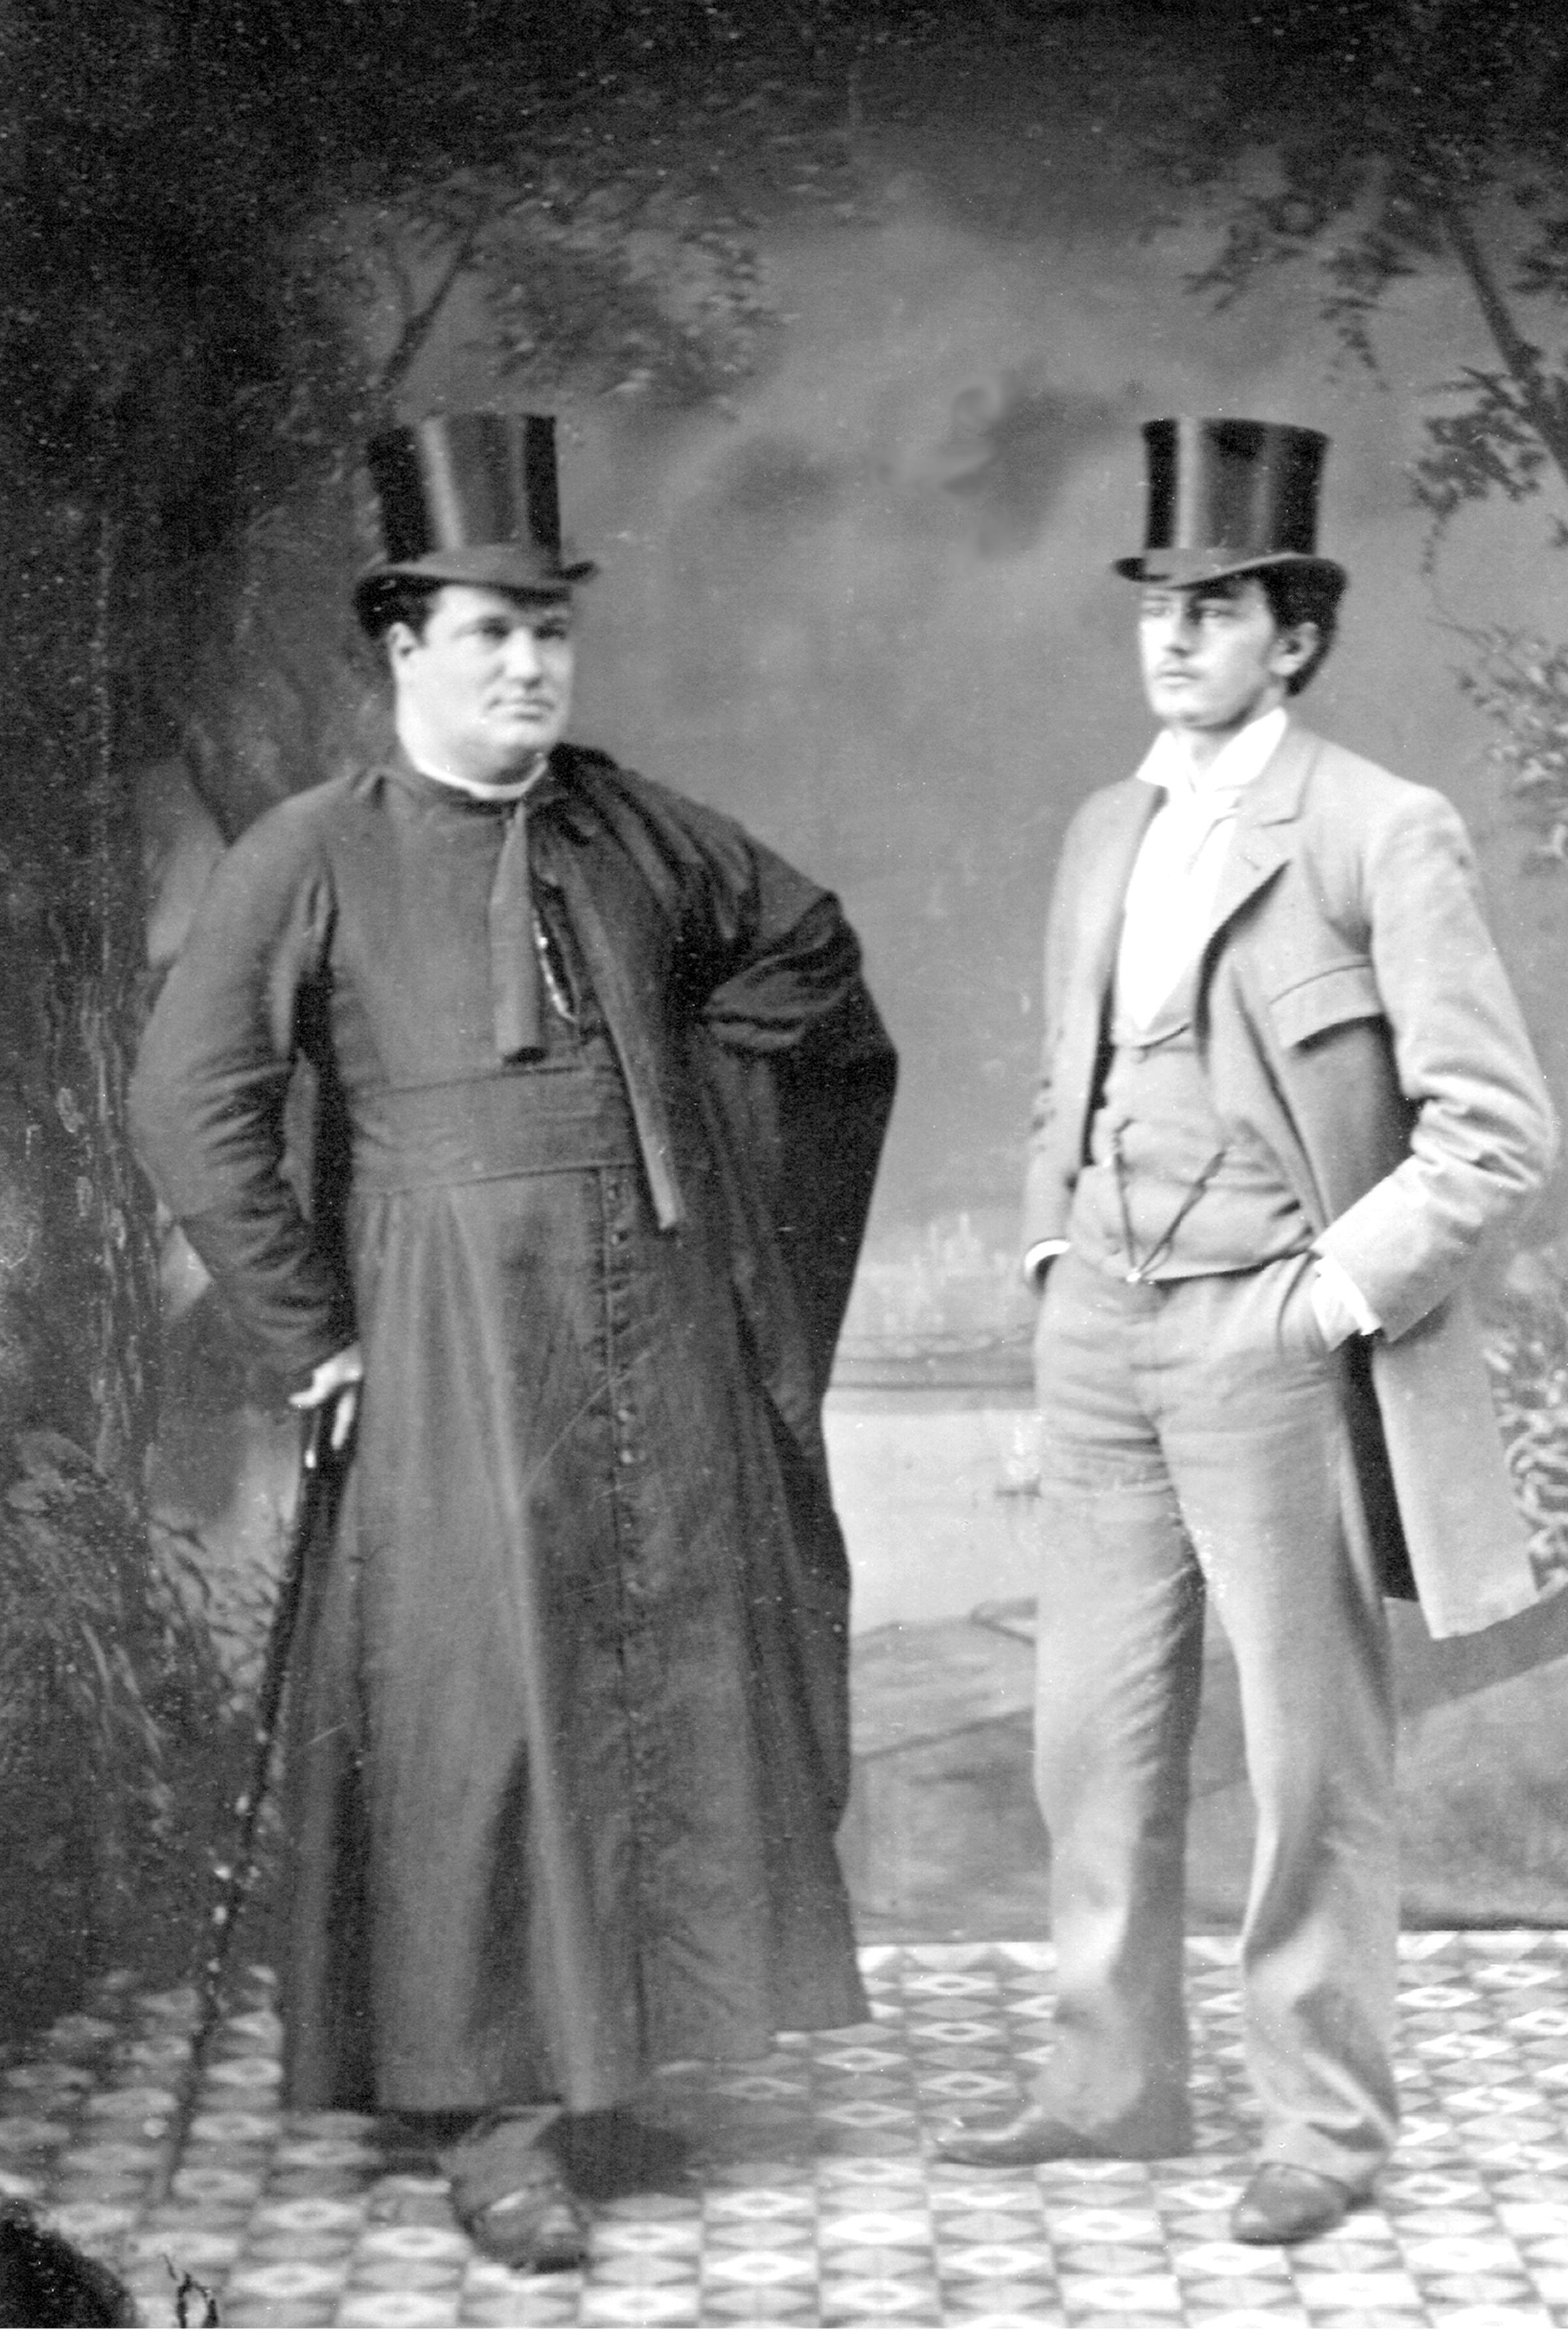 Image en noir et blanc de deux hommes se tenant debout dans un studio de photographie. L'un d'eux, un prêtre, est vêtu d'une soutane noire et s'appuie sur une canne à pommeau. L'autre homme porte un habit trois-pièces de couleur claire, ses mains sont dans les poches de son pantalon. Les deux hommes portent le chapeau haut de forme.